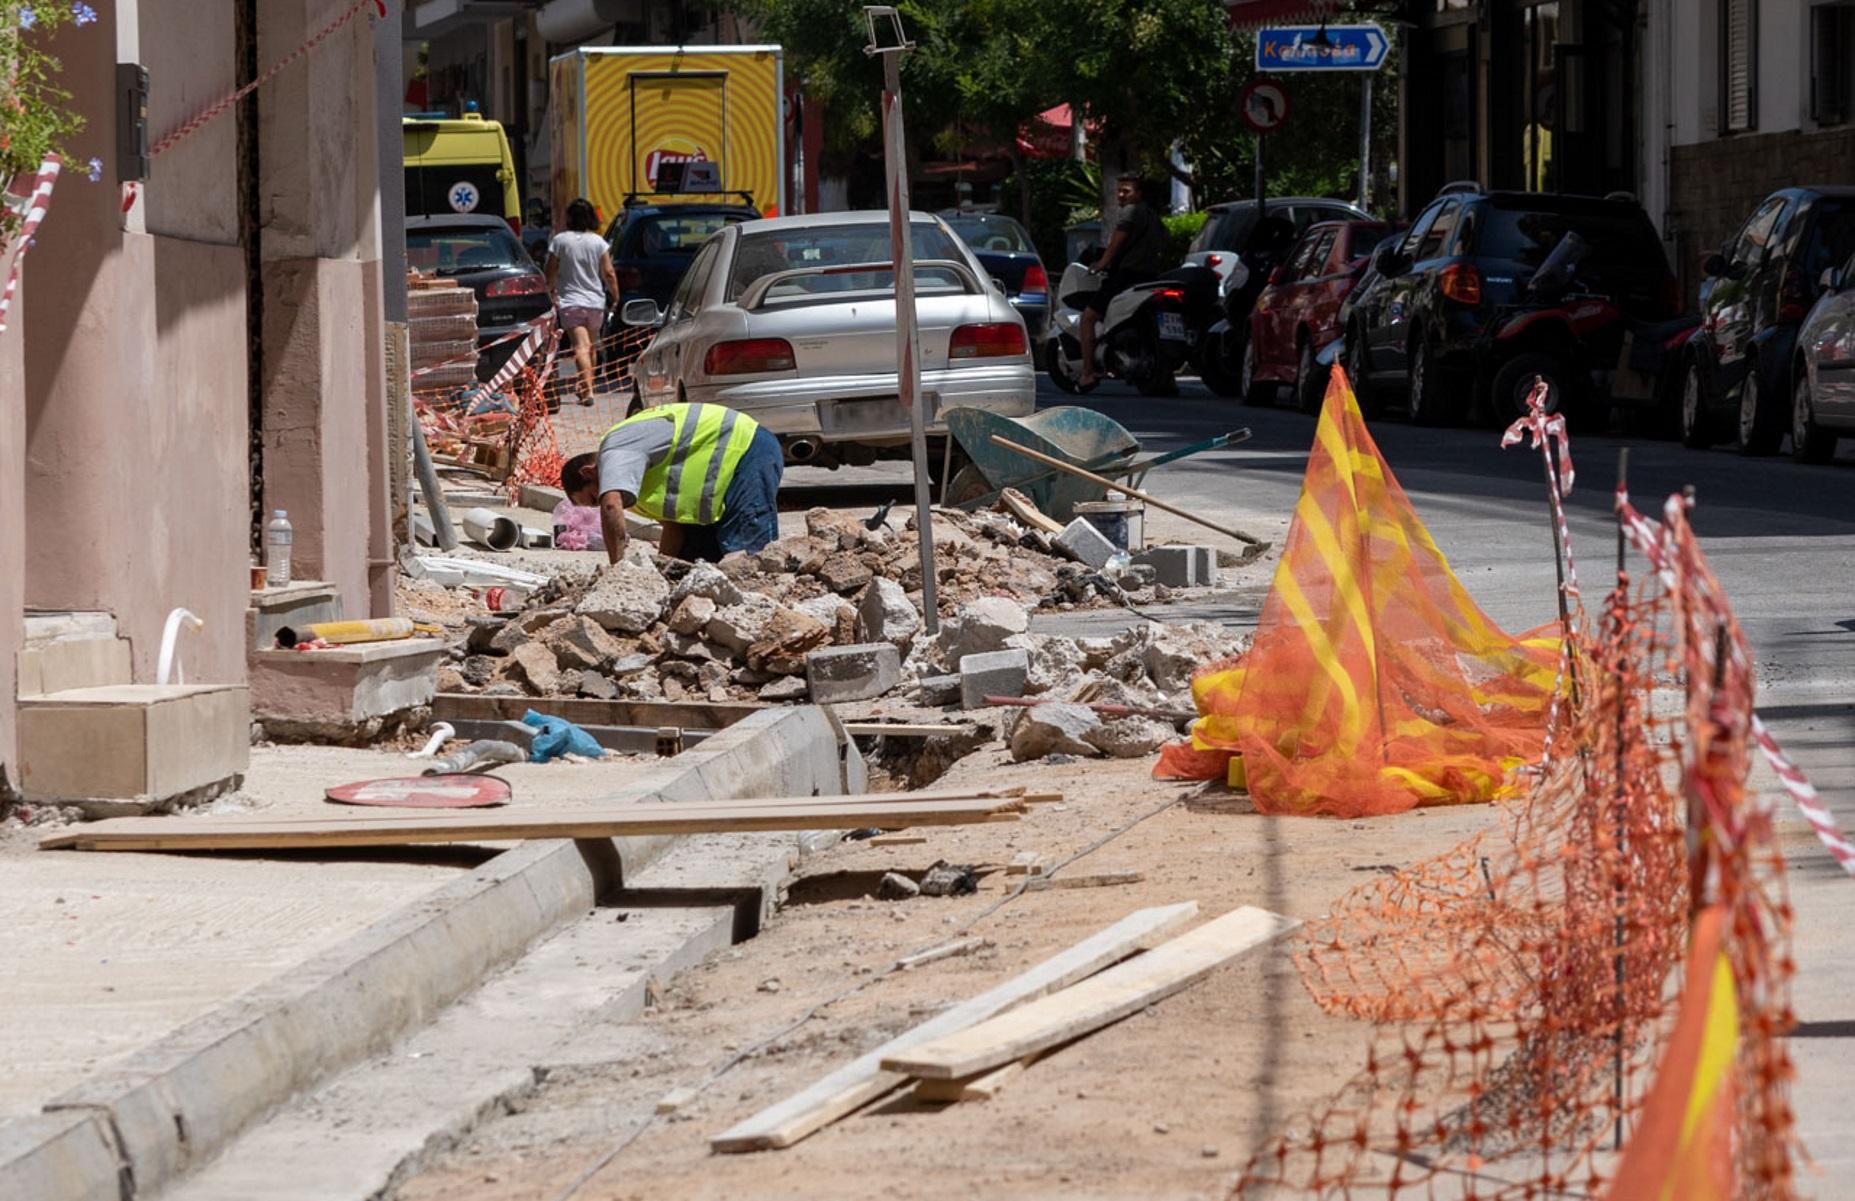 Δήμος Αθηναίων: Φτιάχνονται 410 νέα πεζοδρόμια στις γειτονιές – Δείτε φωτογραφίες